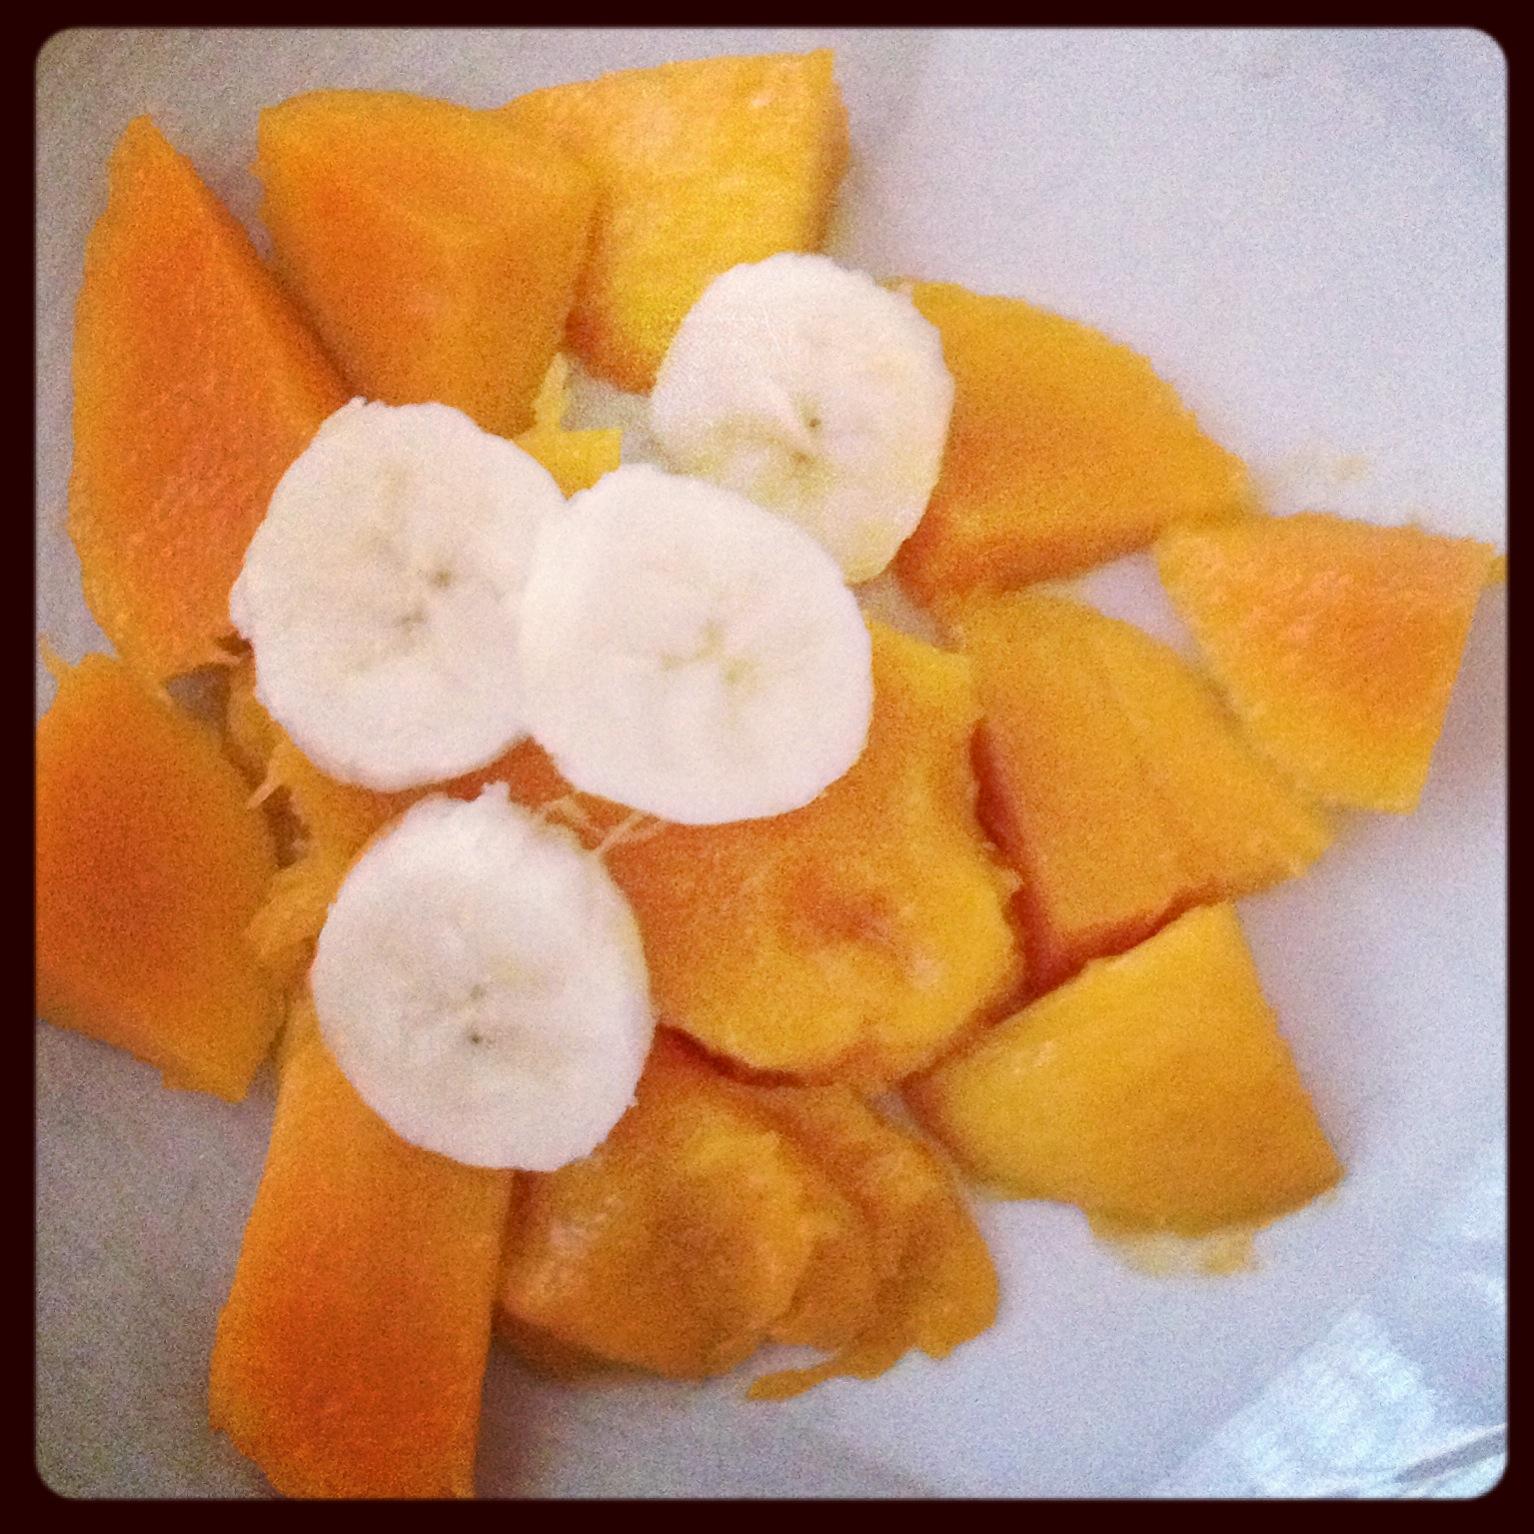 Mango and Banana / Mangó y Guineo